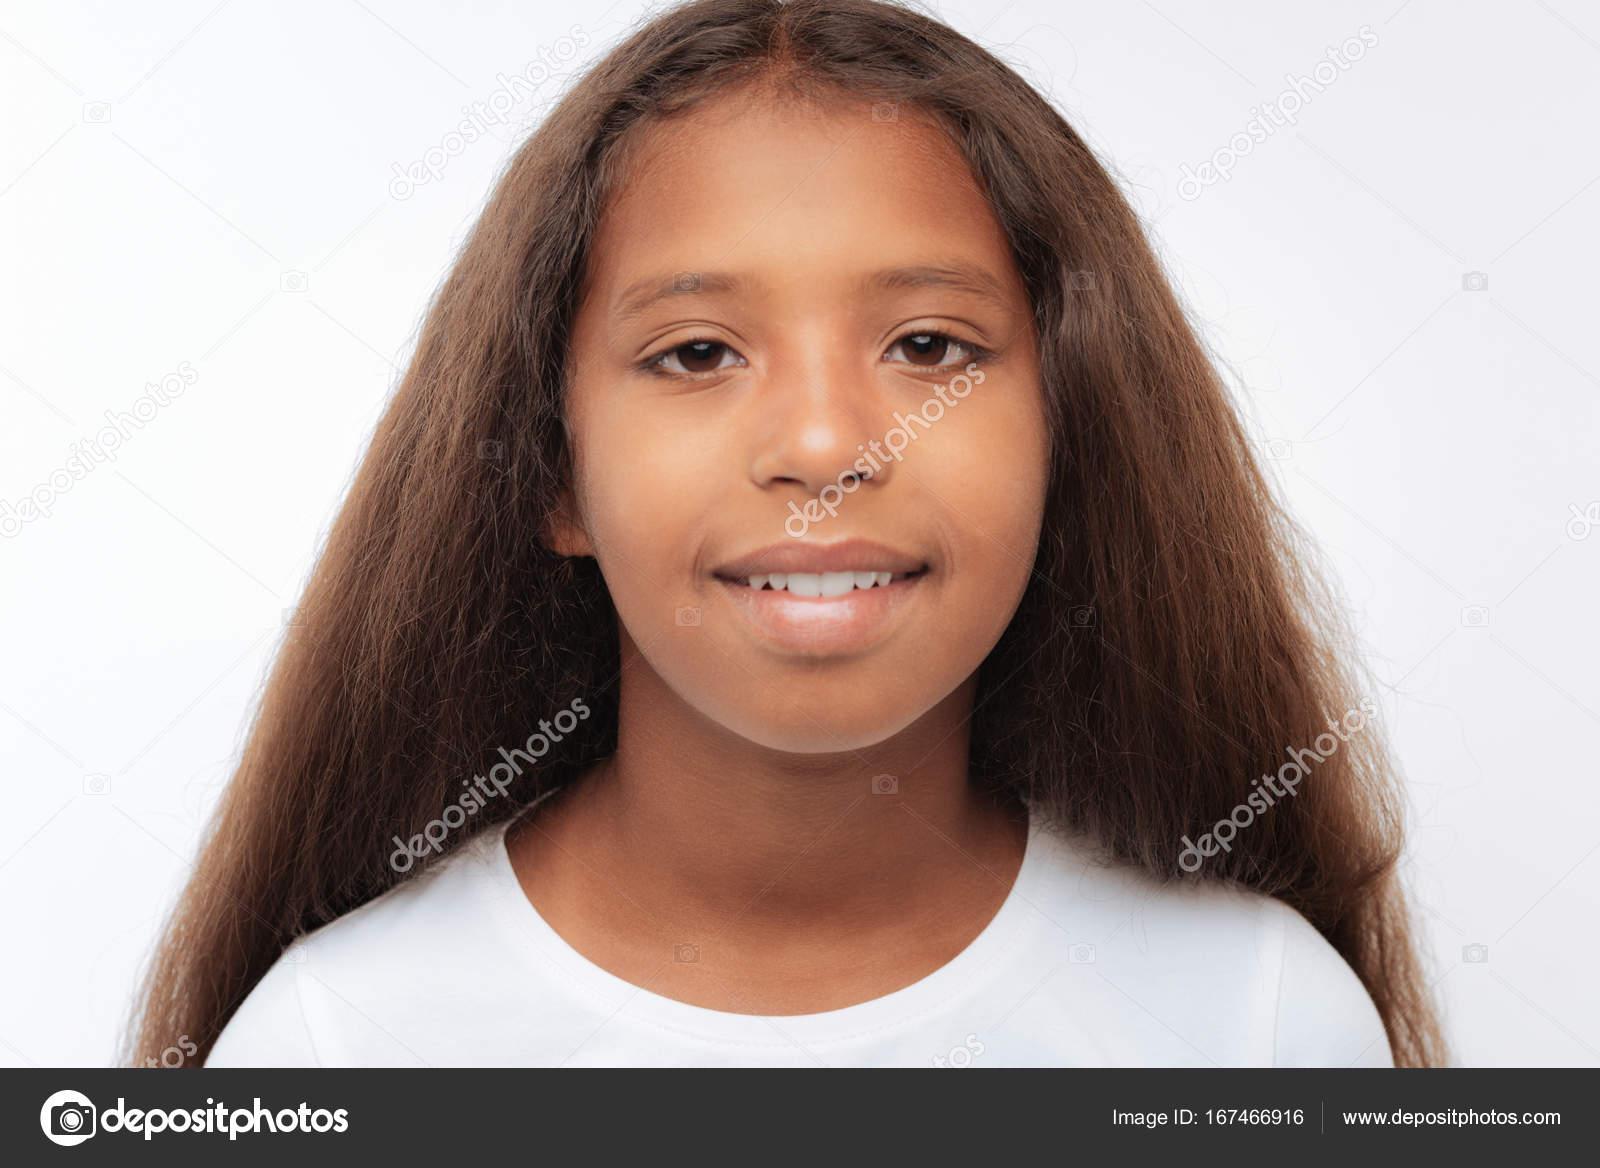 portrait d'une fille assez jeune avec les cheveux auburn